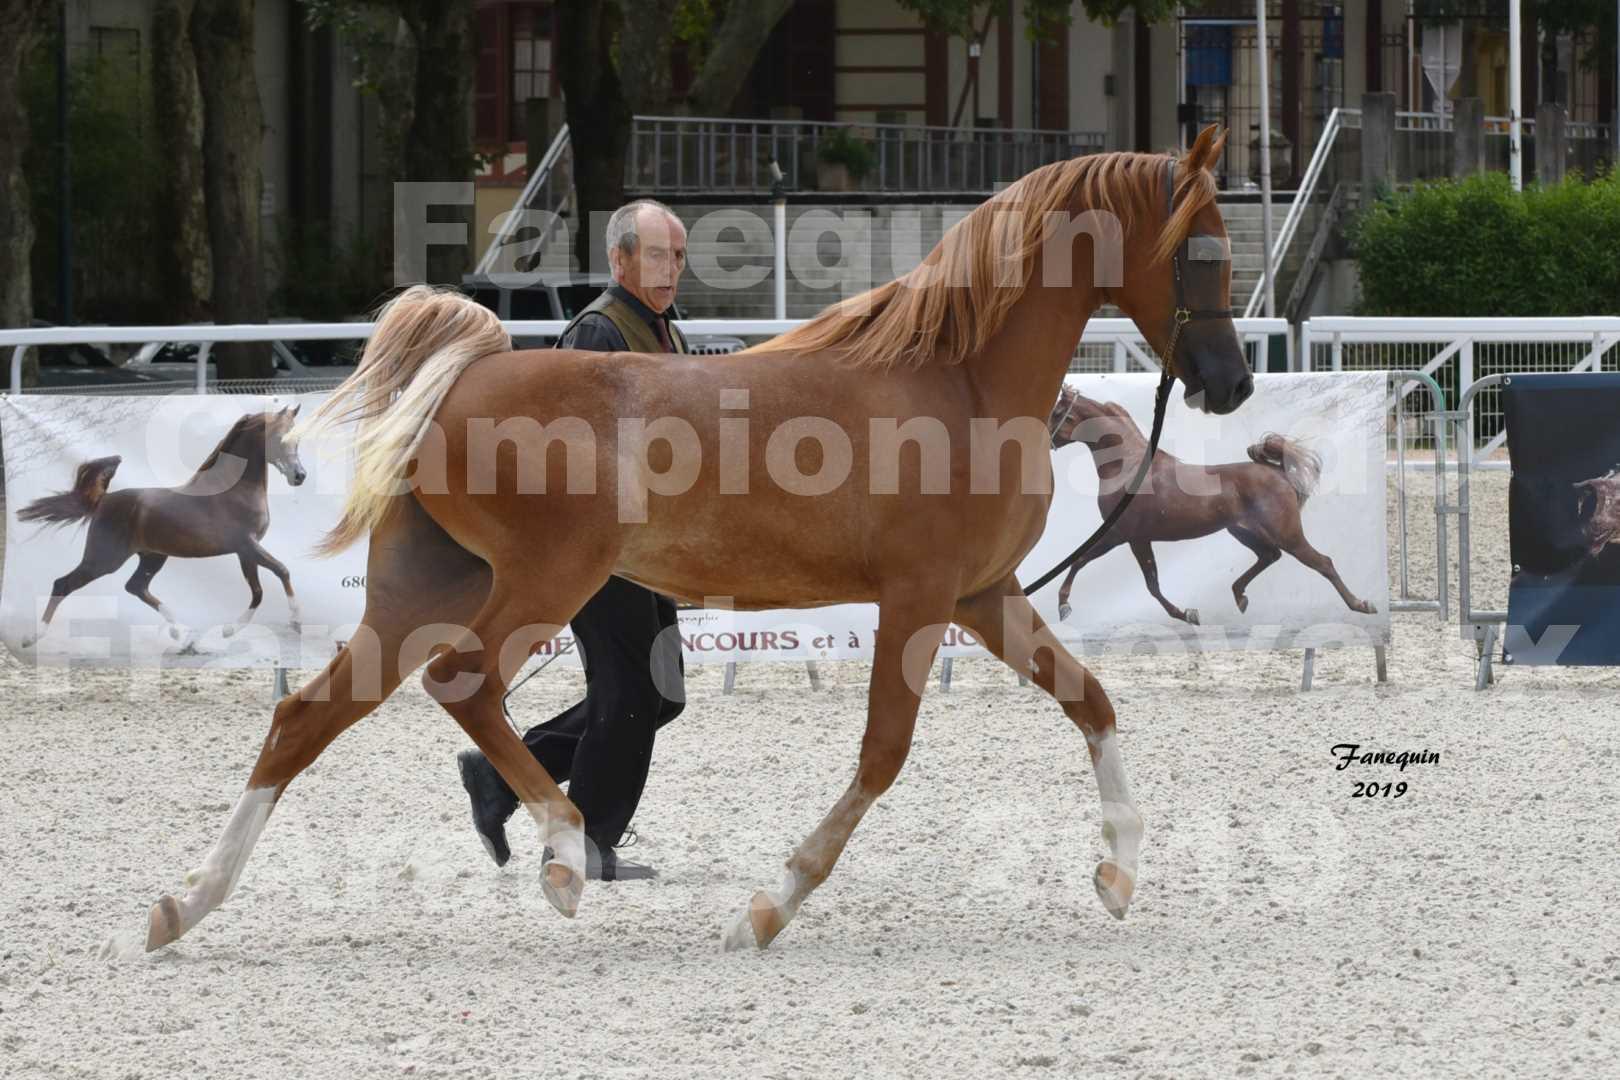 Championnat de France des chevaux Arabes en 2019 à VICHY - NILMANI SH - 5